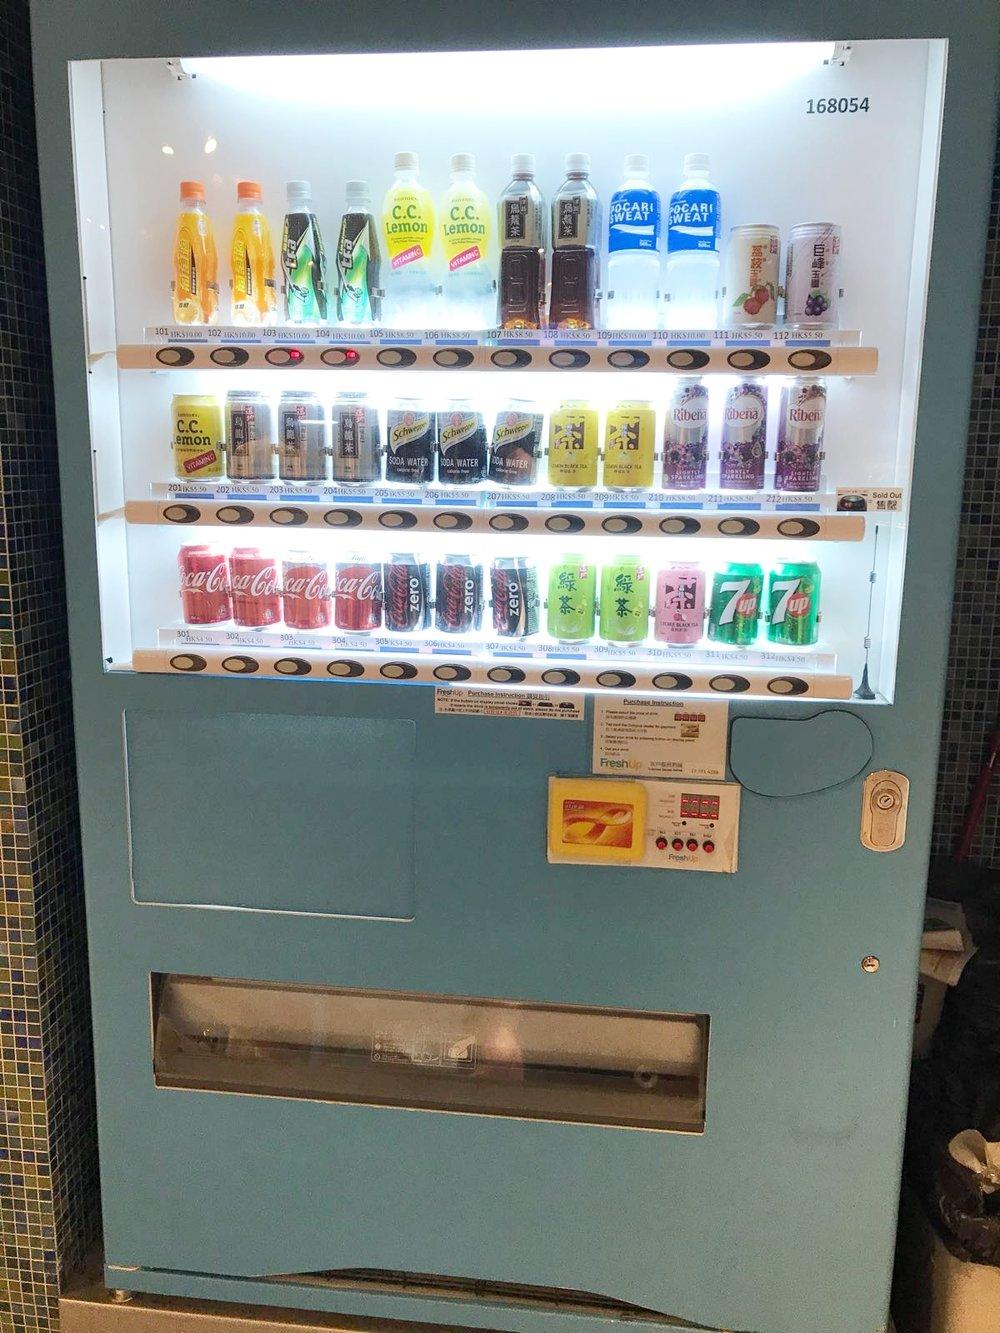 FreshUp,自動售賣機,自動販賣機,零食,飲品,方便,快捷,智能,投資銀行,辦公室,寫字樓,瑞銀集團